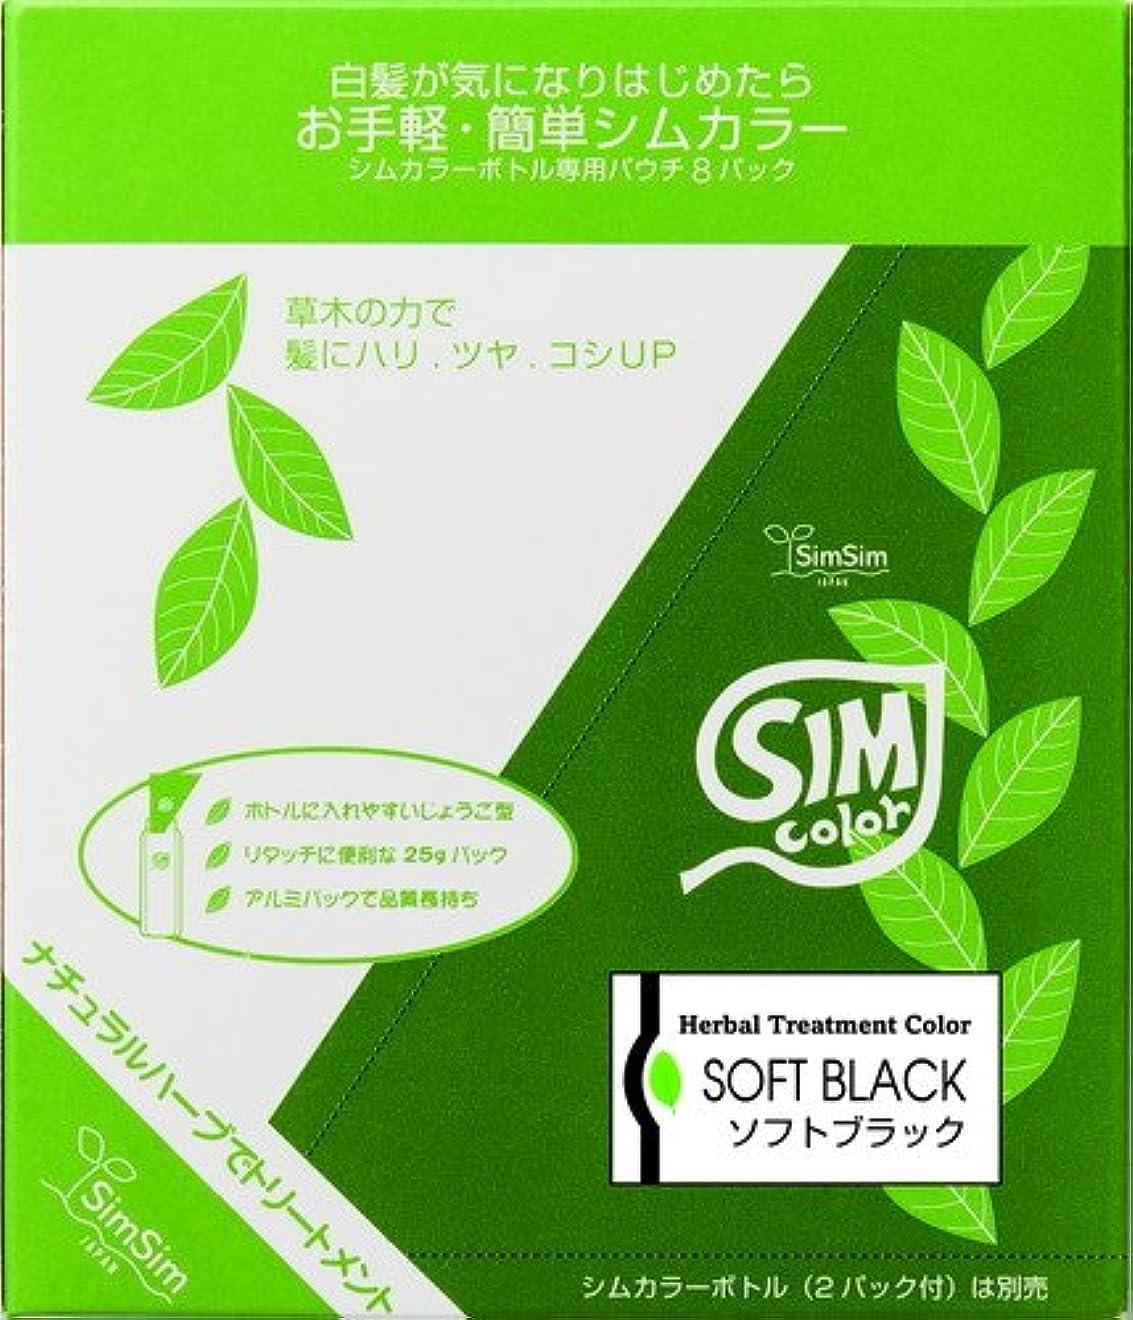 SimSim(シムシム)お手軽簡単シムカラーエクストラ(EX)25g 8袋 ソフトブラック